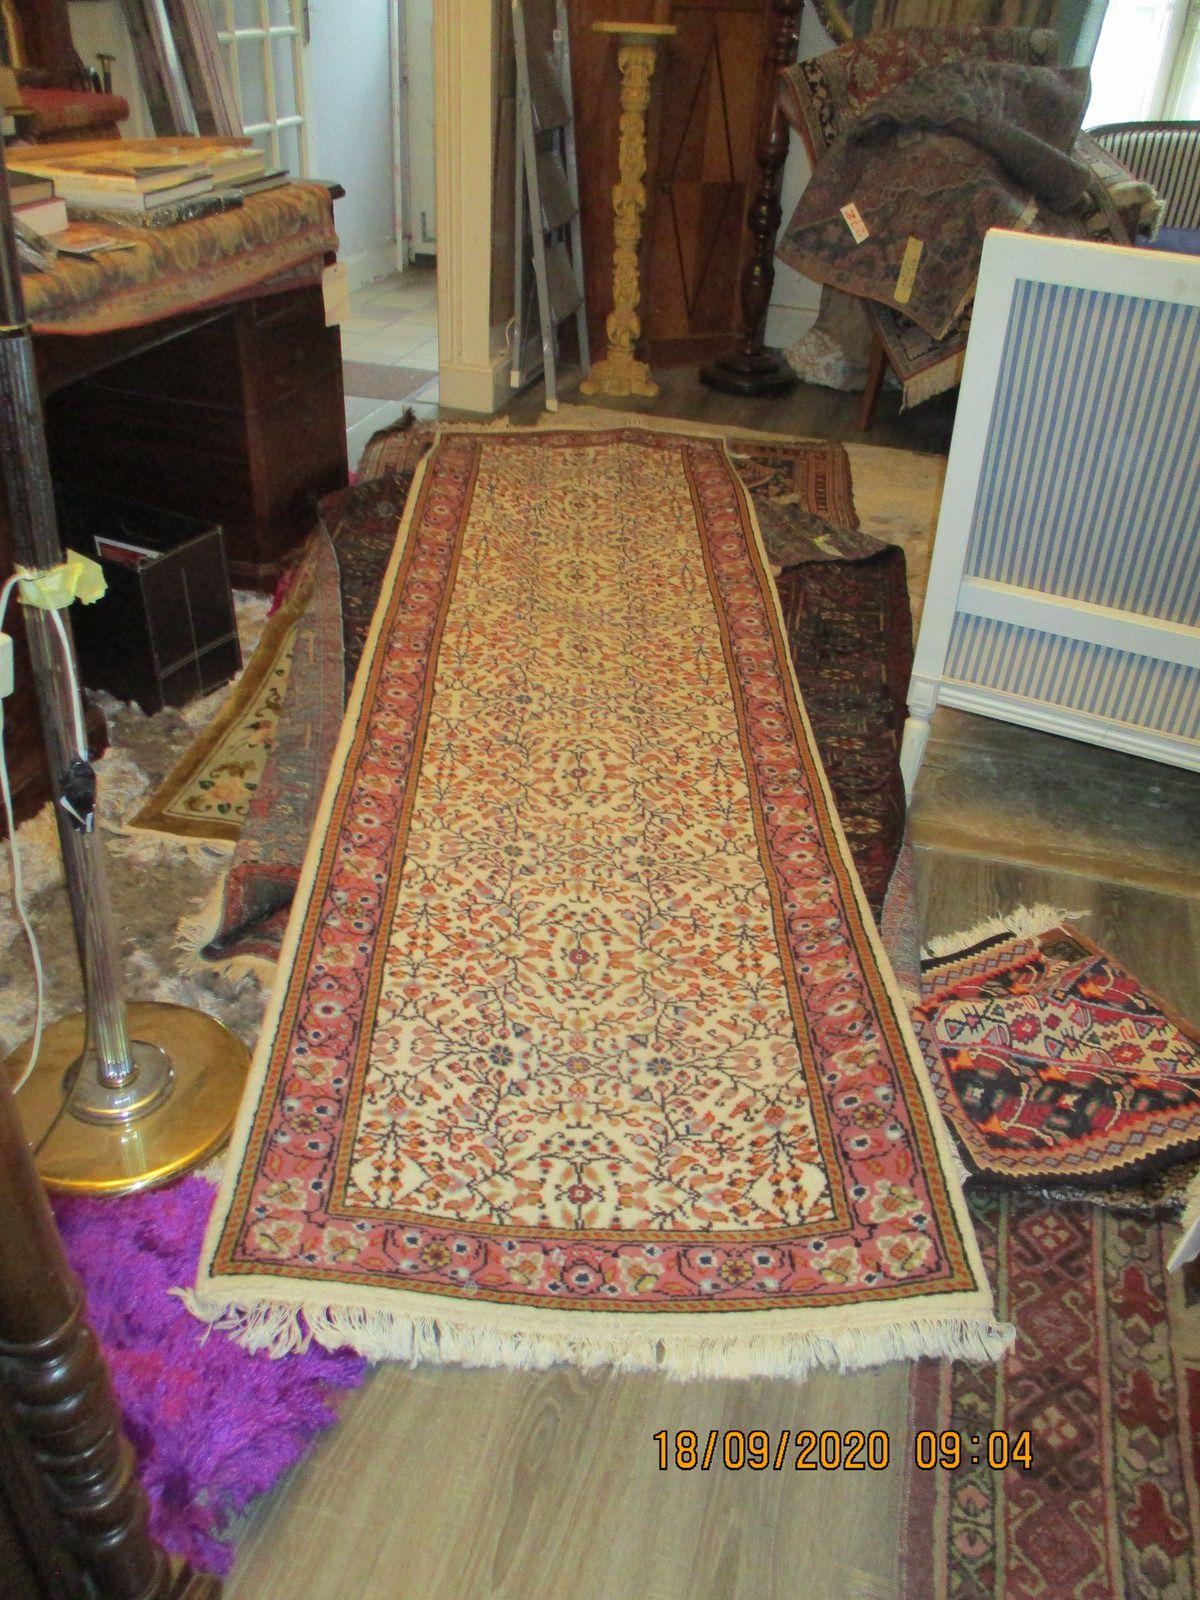 tapis orient d iran fait mains occasion